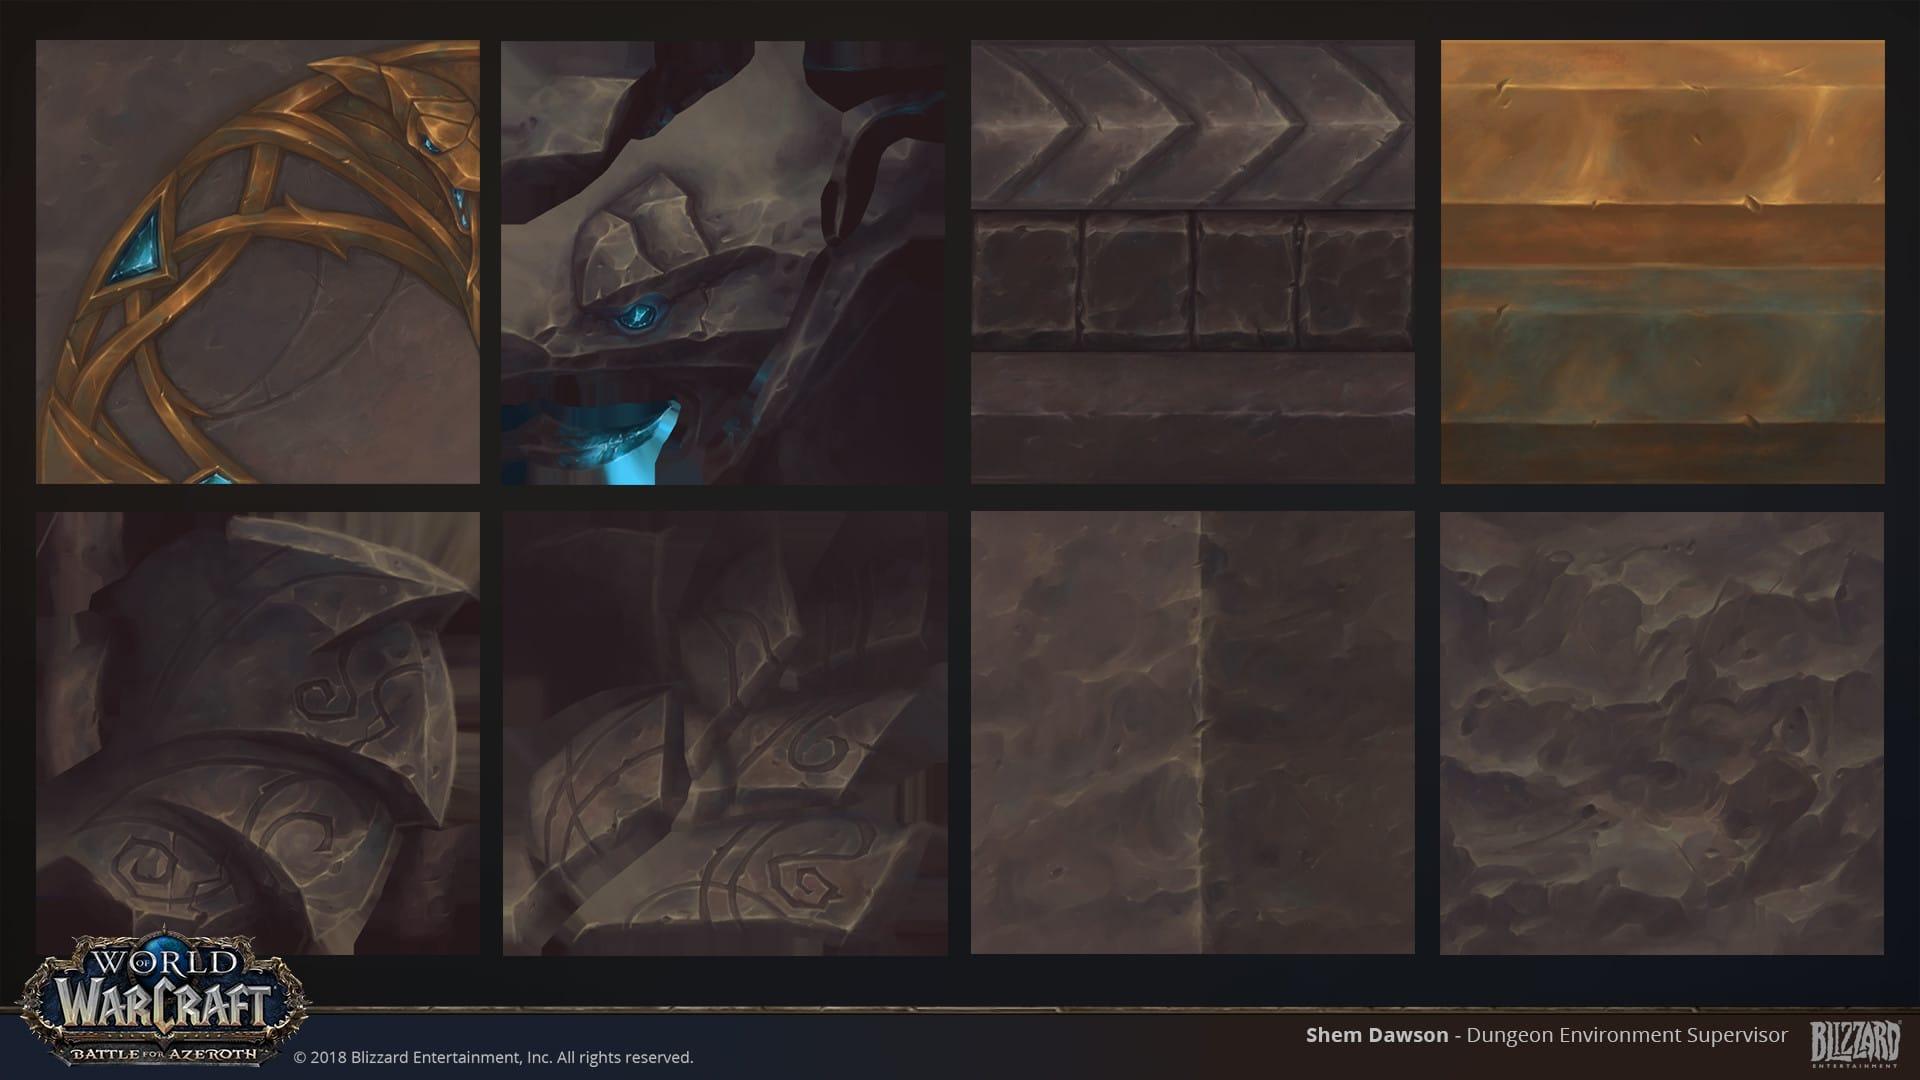 Texturas del escenario mostrado por Shem Dawson en su portfolio 3D Artist